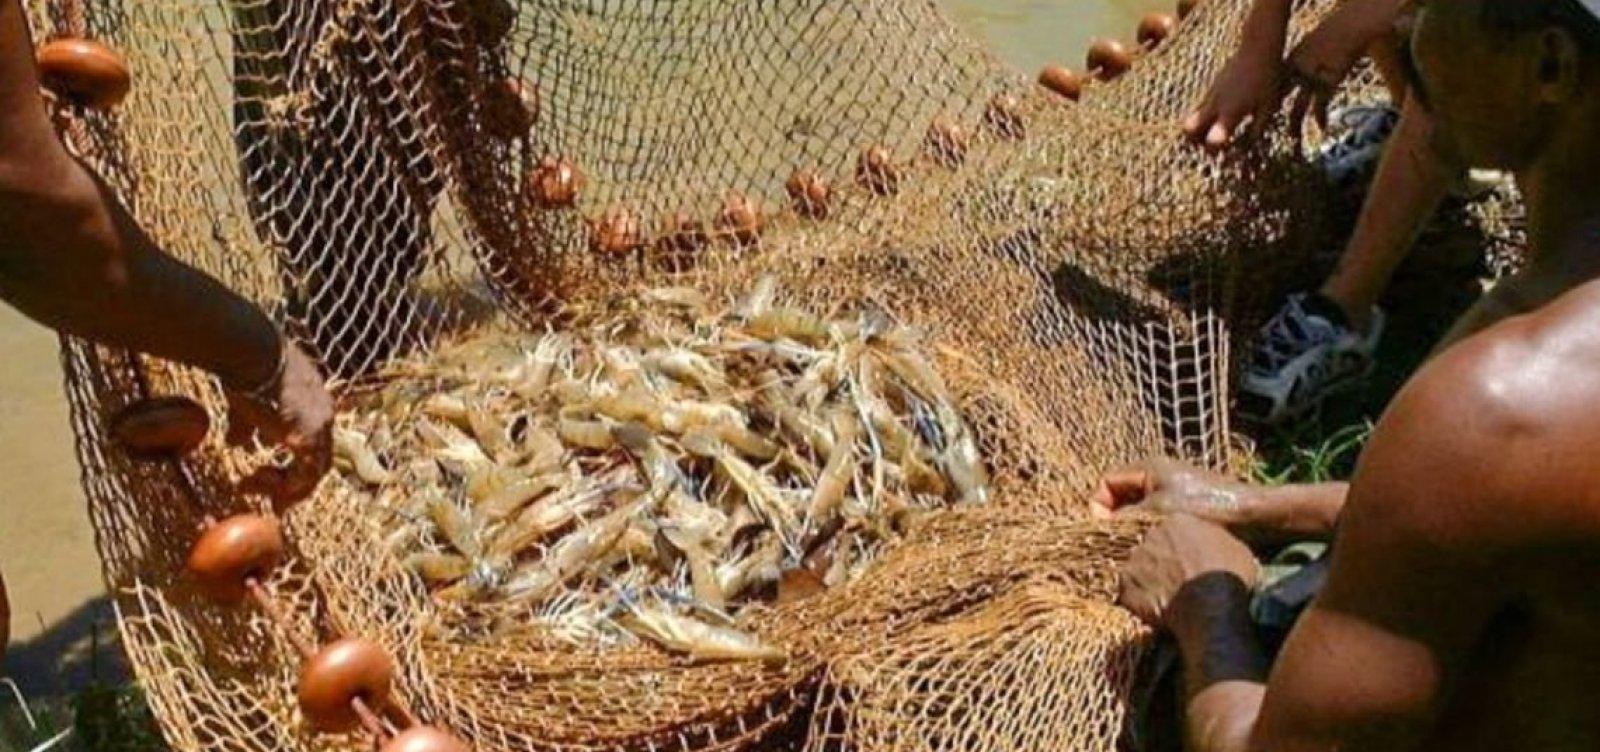 [Após manchas de óleo, pesca de camarão e lagosta será proibida em regiões da Bahia]